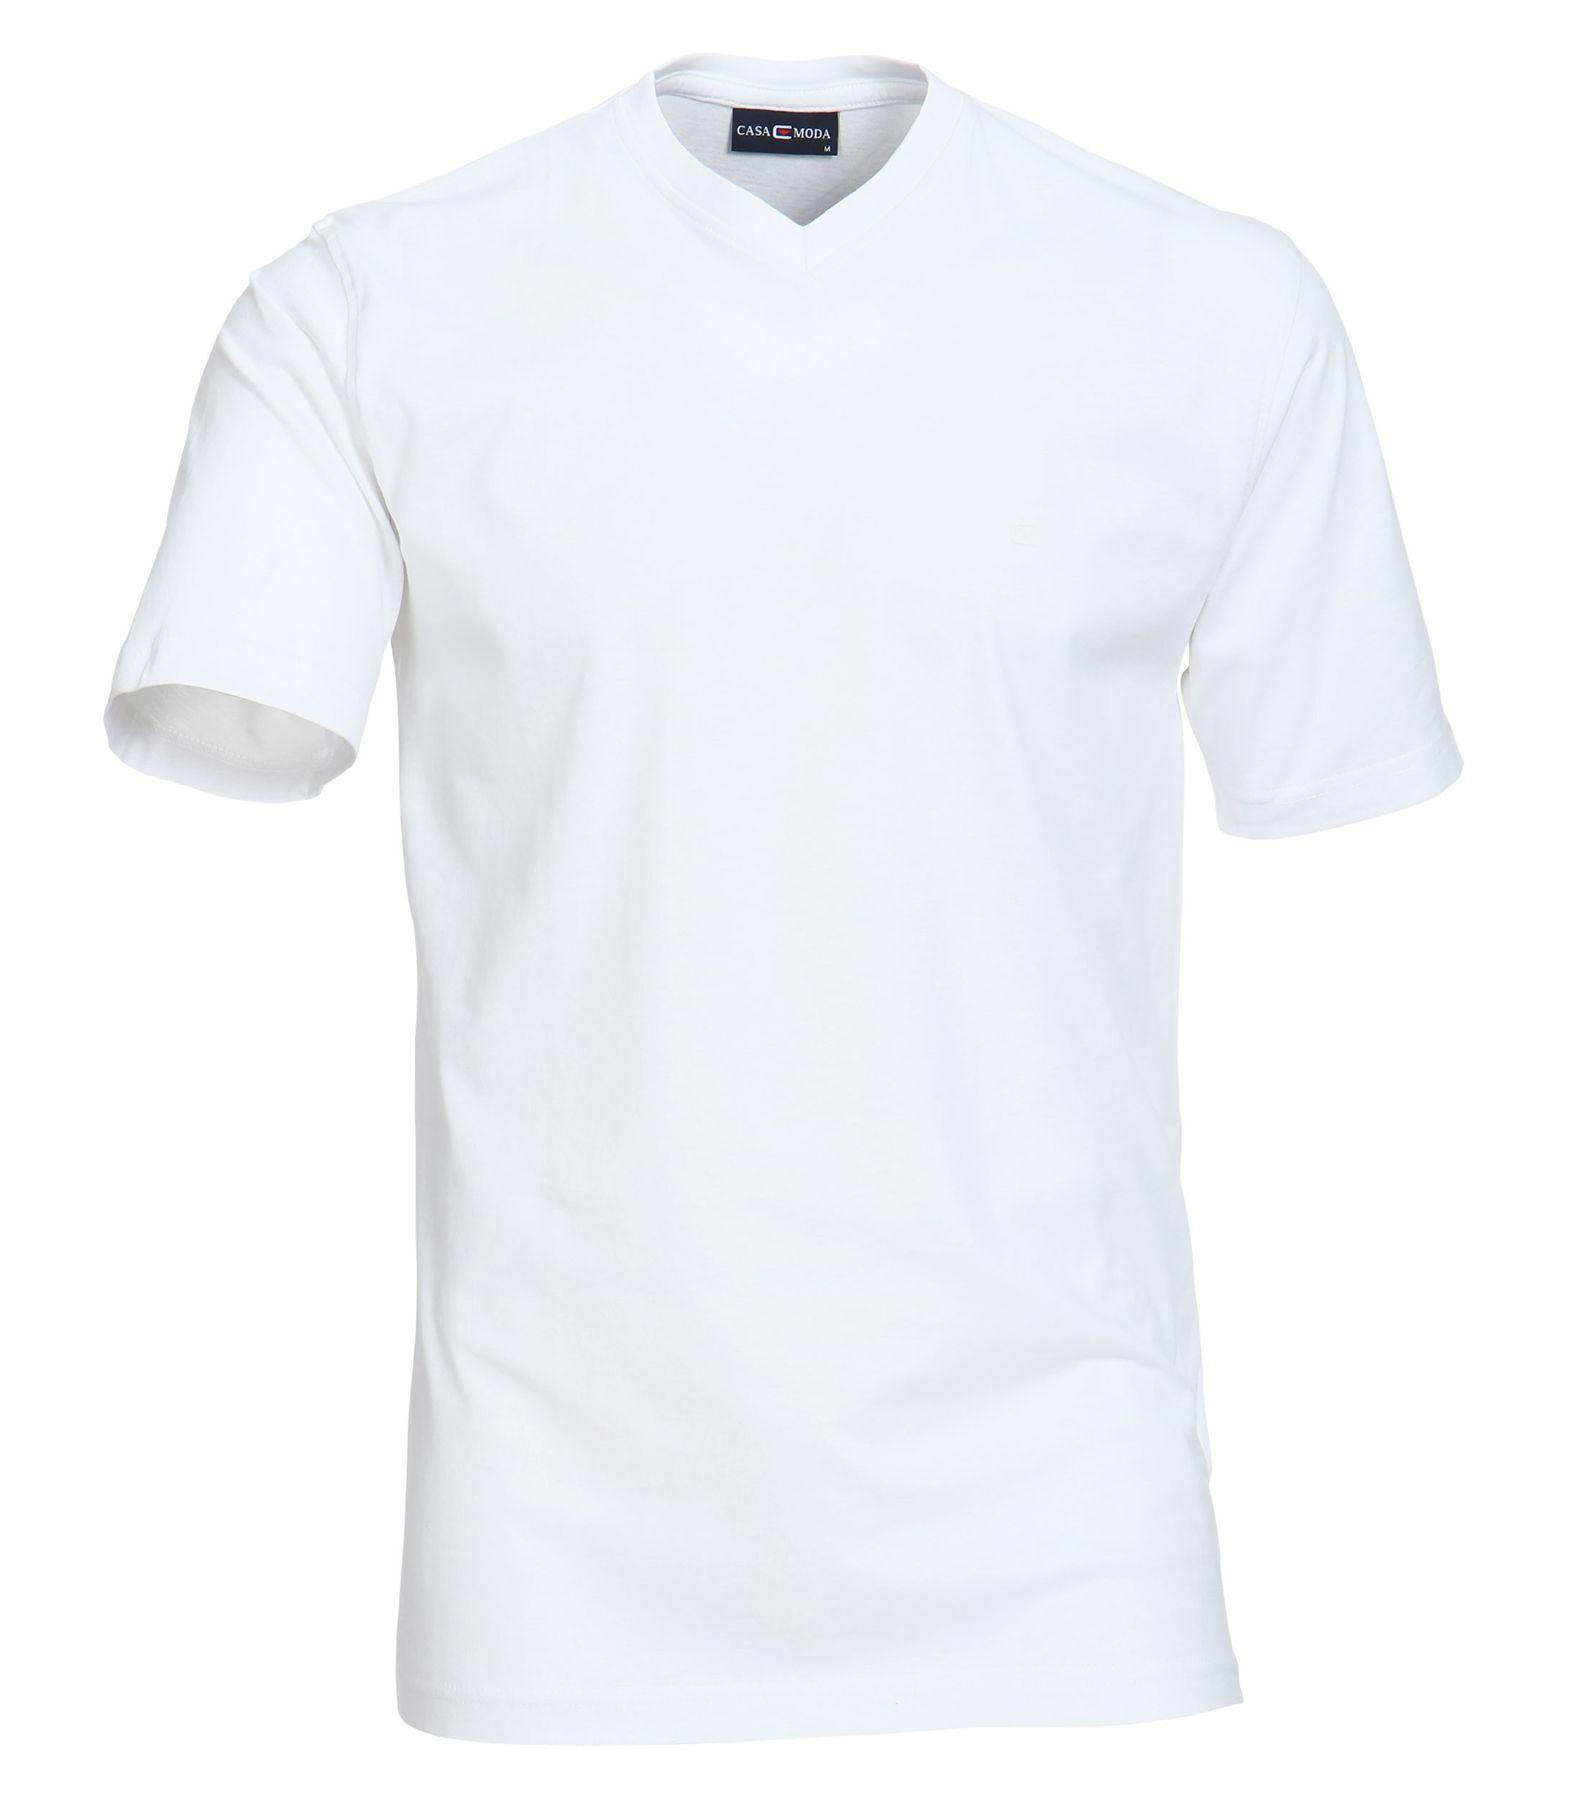 Casa Moda - Herren T-Shirt mit V-Ausschnitt im 2er Pack, schwarz oder weiß, S-6XL (092183)